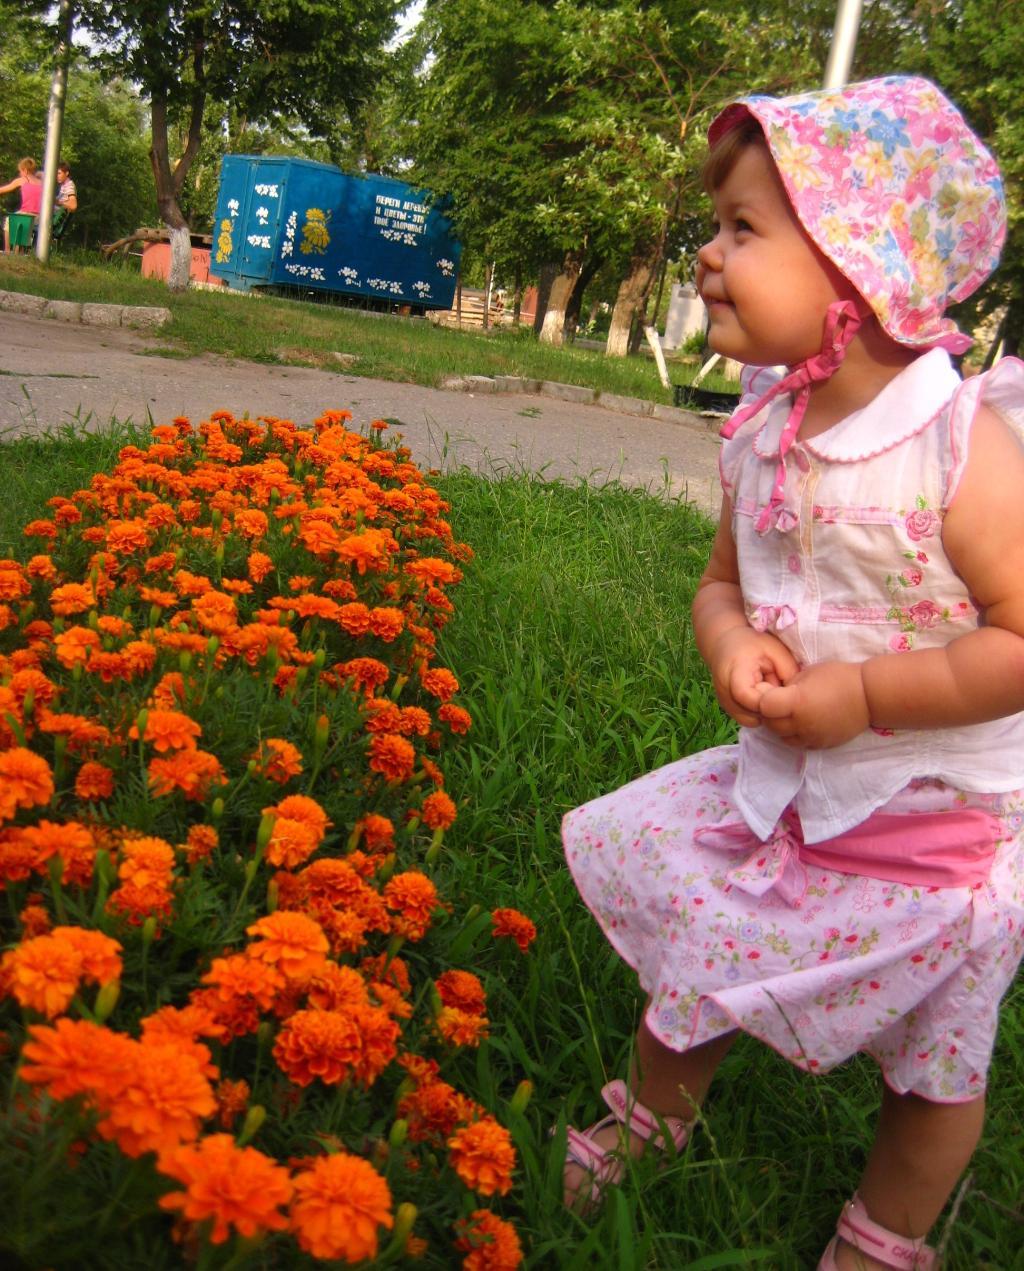 Лапочка-дочка, смотрит на цветочки. Юный натуралист